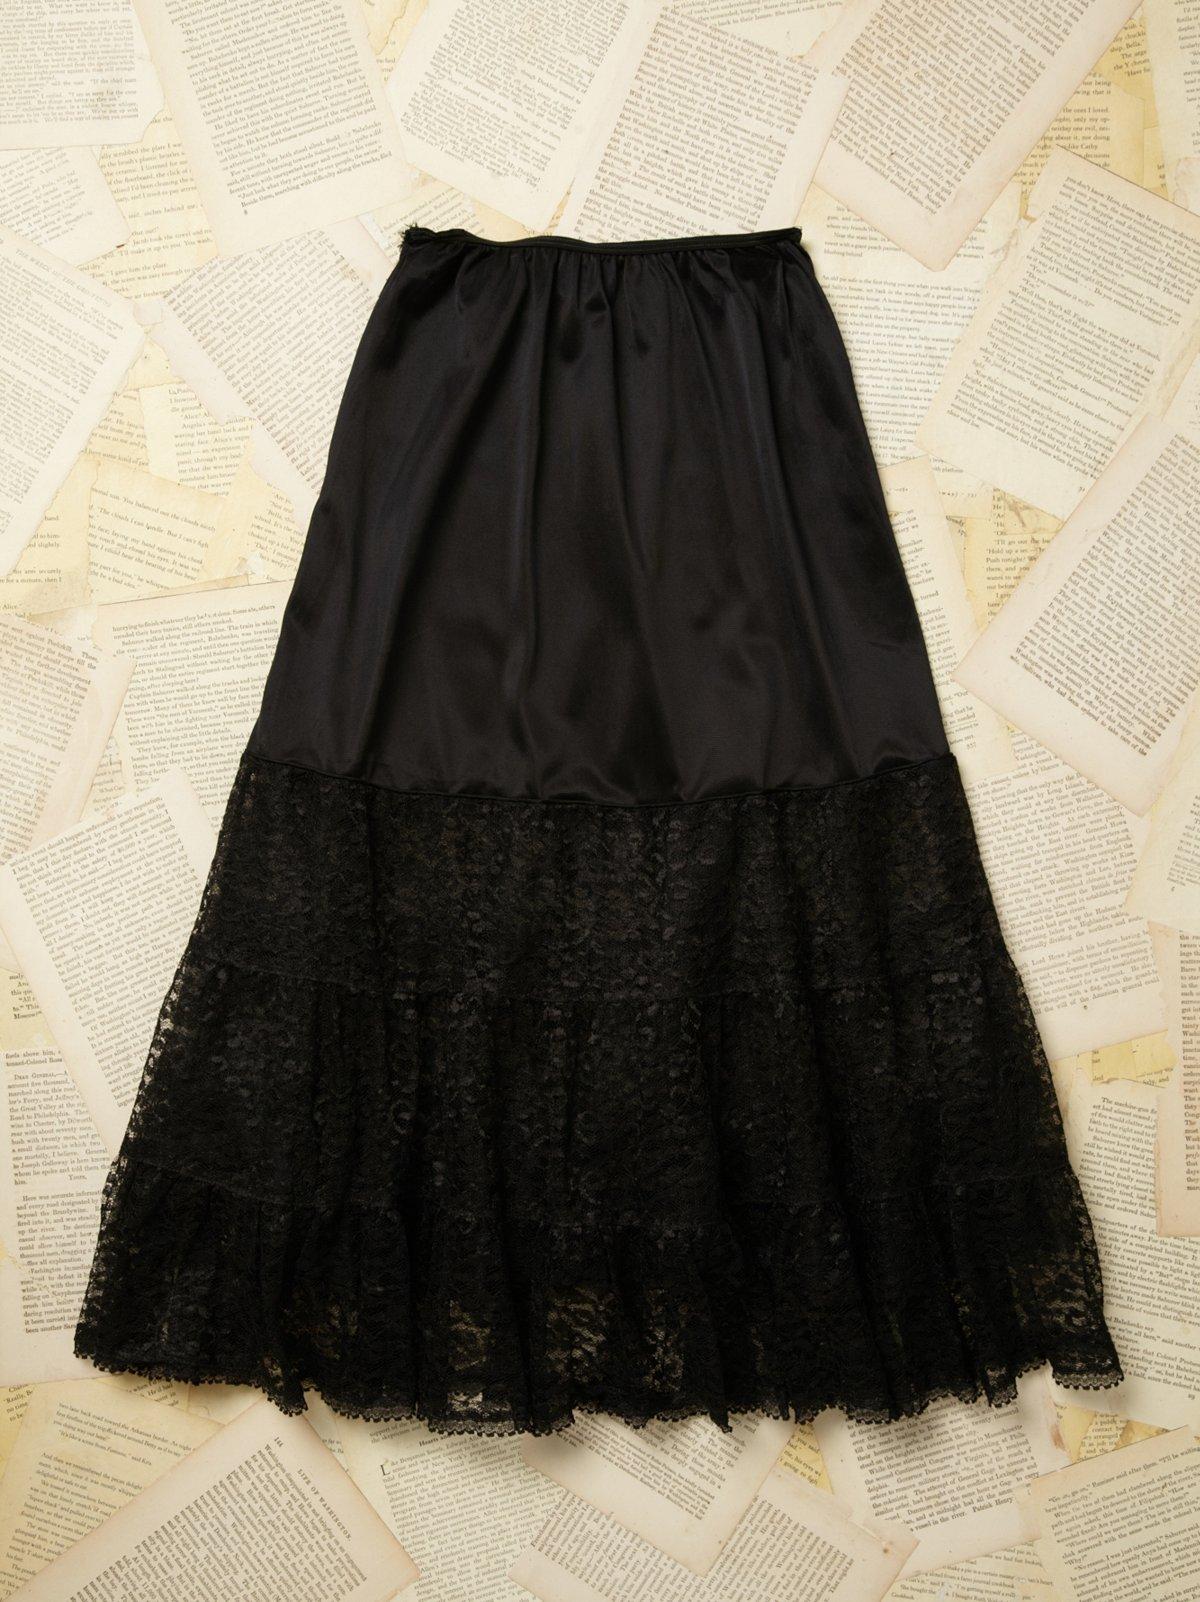 Vintage 1950s Lace Slip